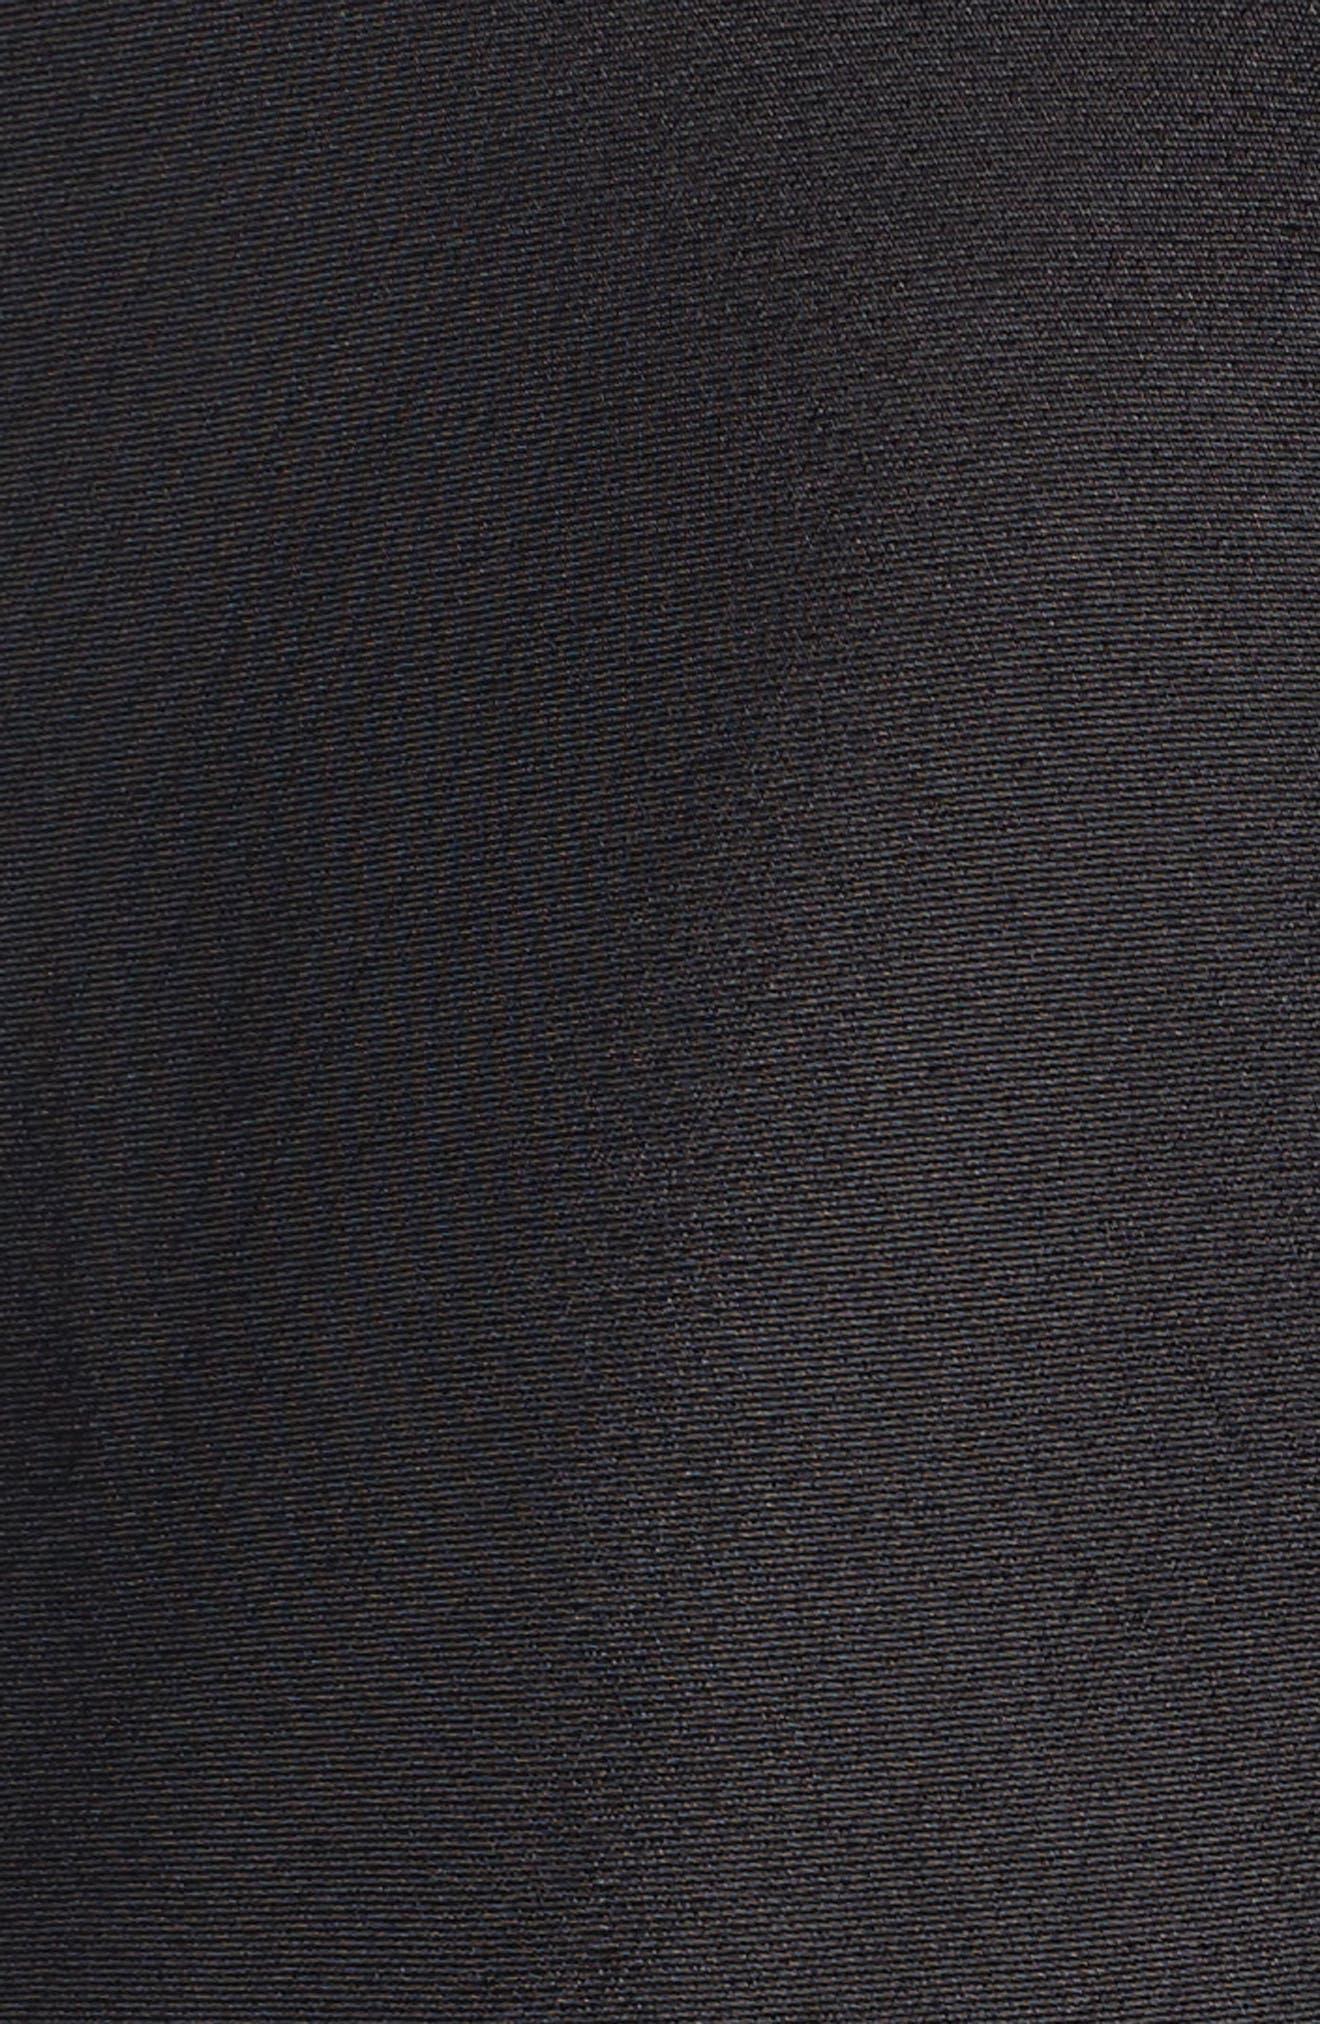 Wyatt Slip Dress,                             Alternate thumbnail 5, color,                             001